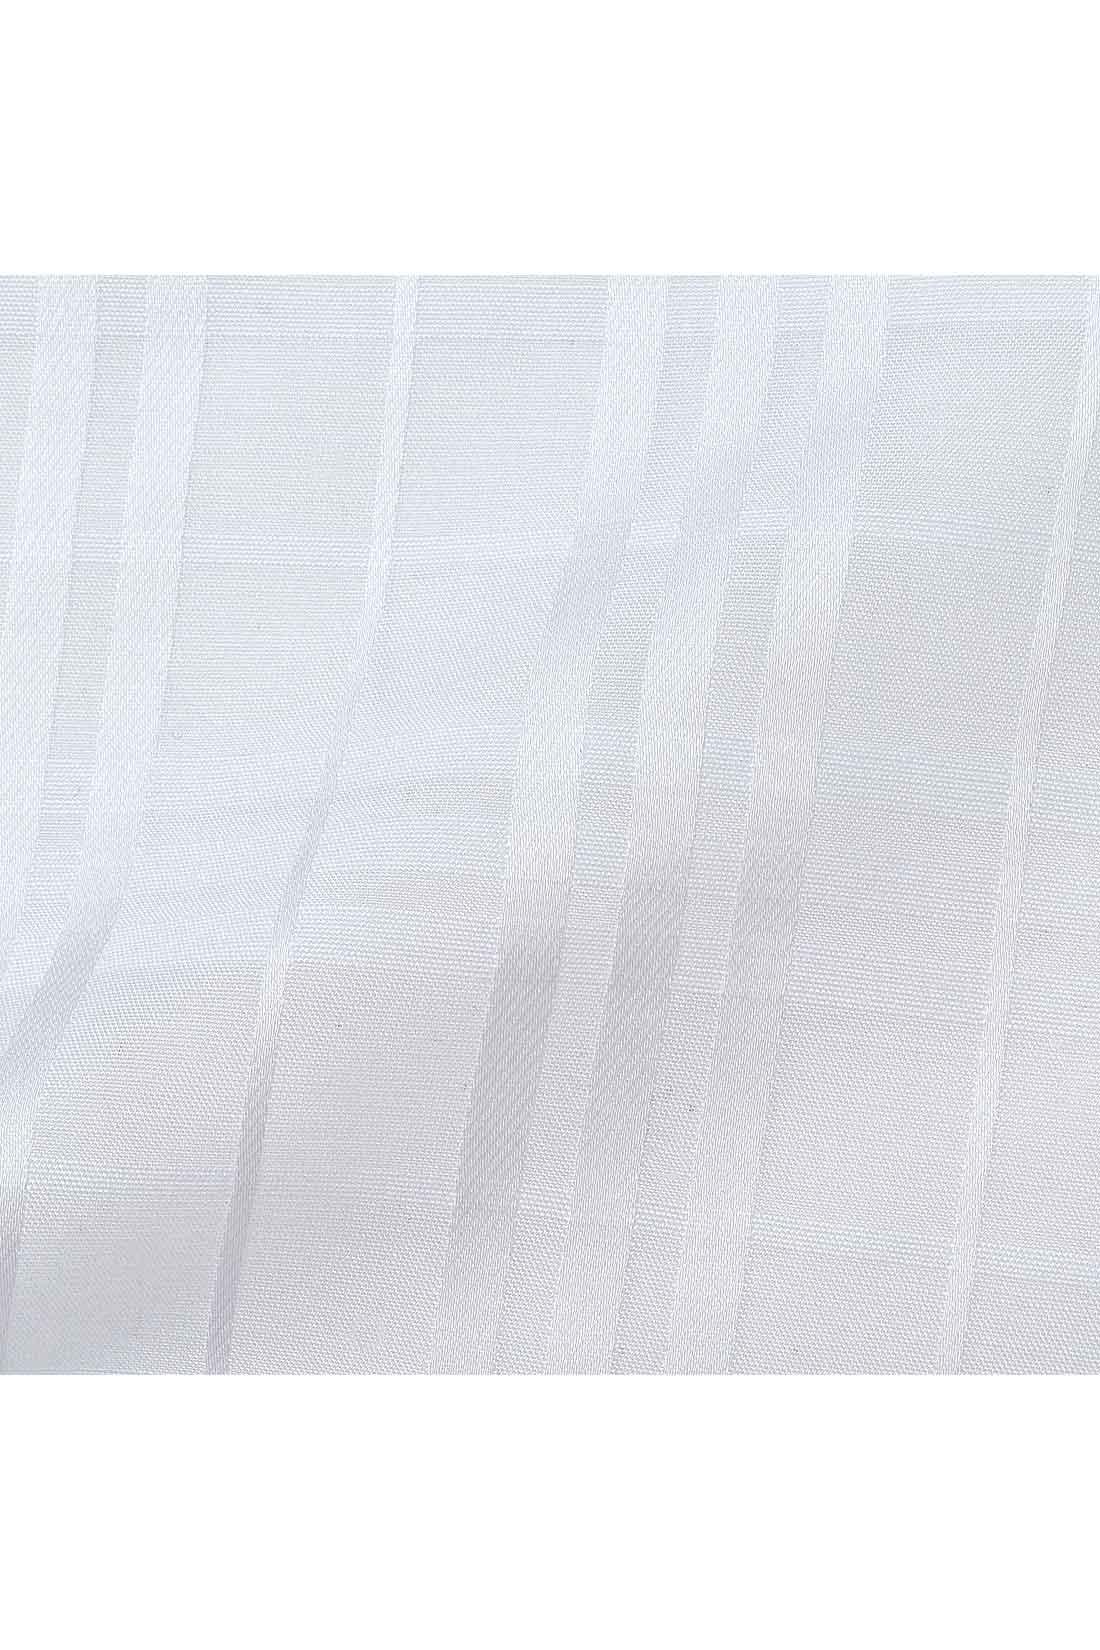 透け感のあるチェック柄の布はく素材。